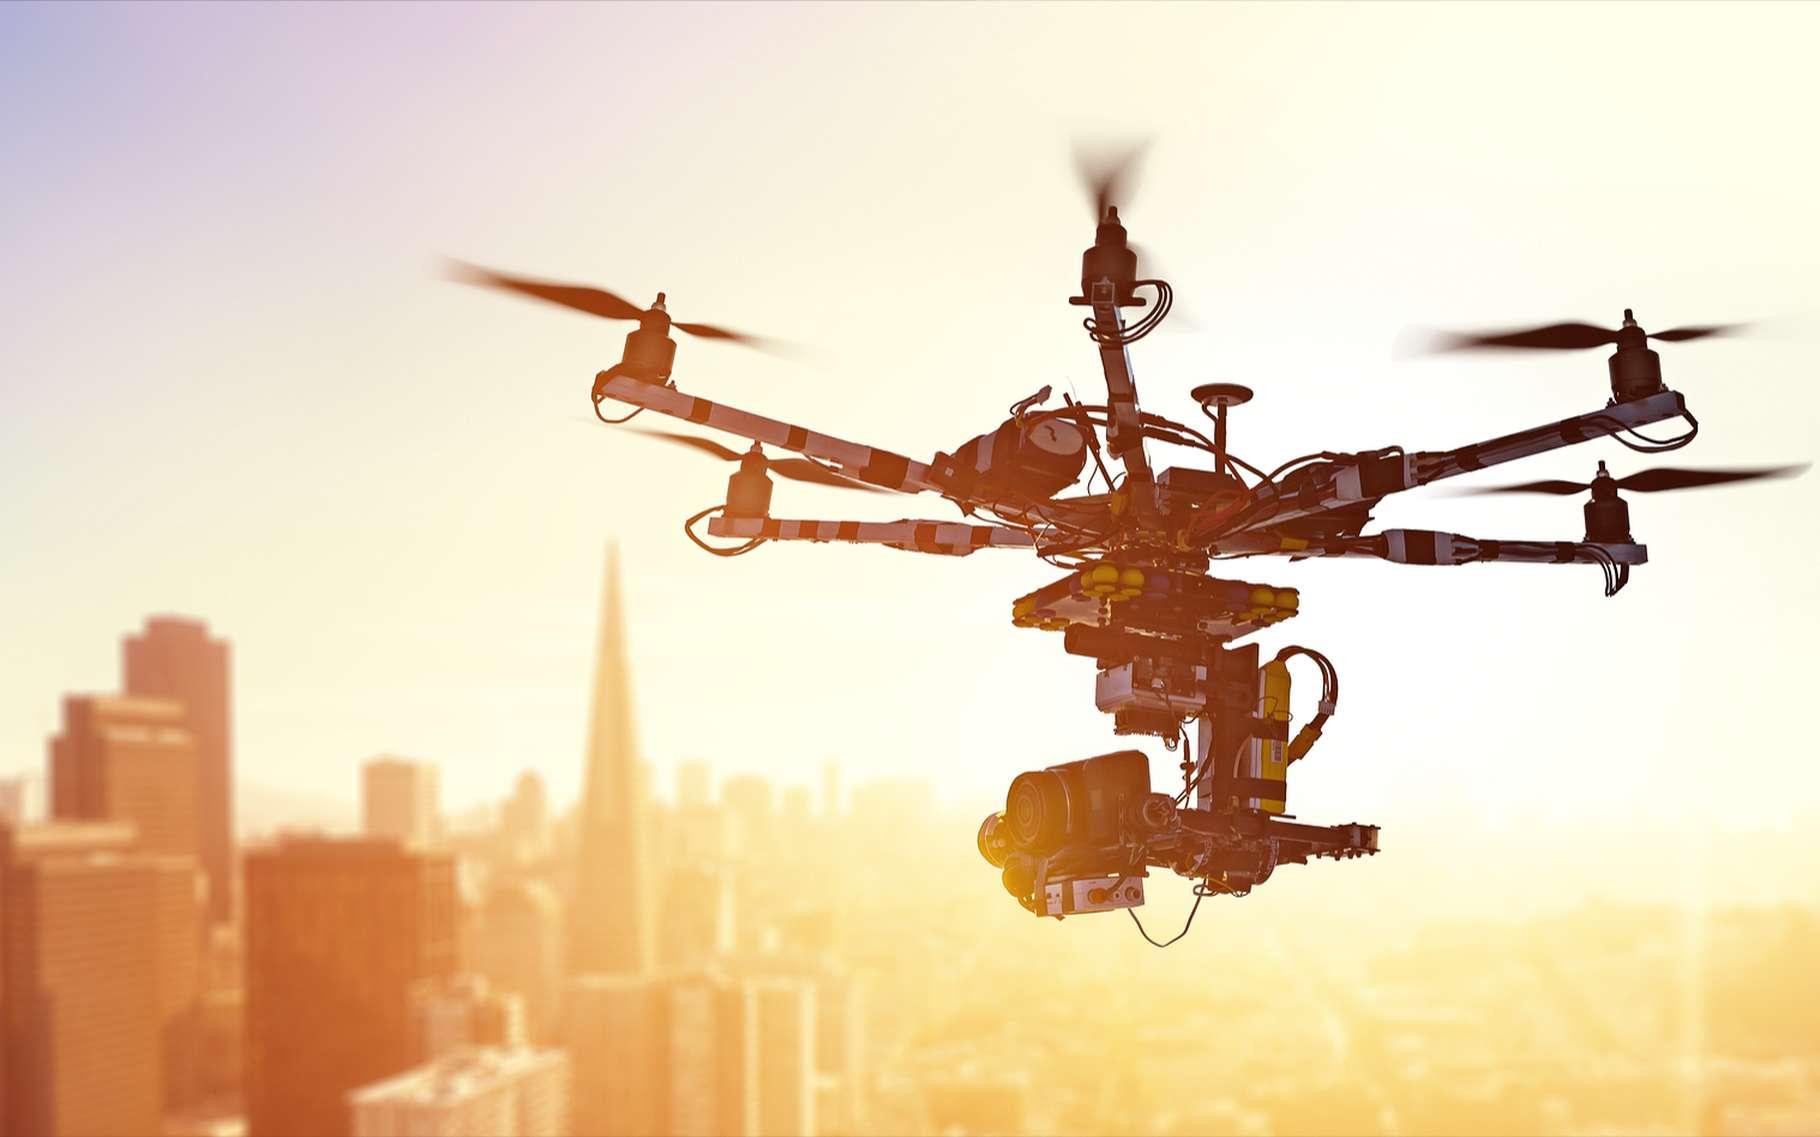 Le matériau composite imaginé par des chercheurs de l'École polytechnique fédérale de Lausanne permettra-t-il de transformer, à la demande, un drone en voiture? © Alexey Yuzhakov, Shutterstock